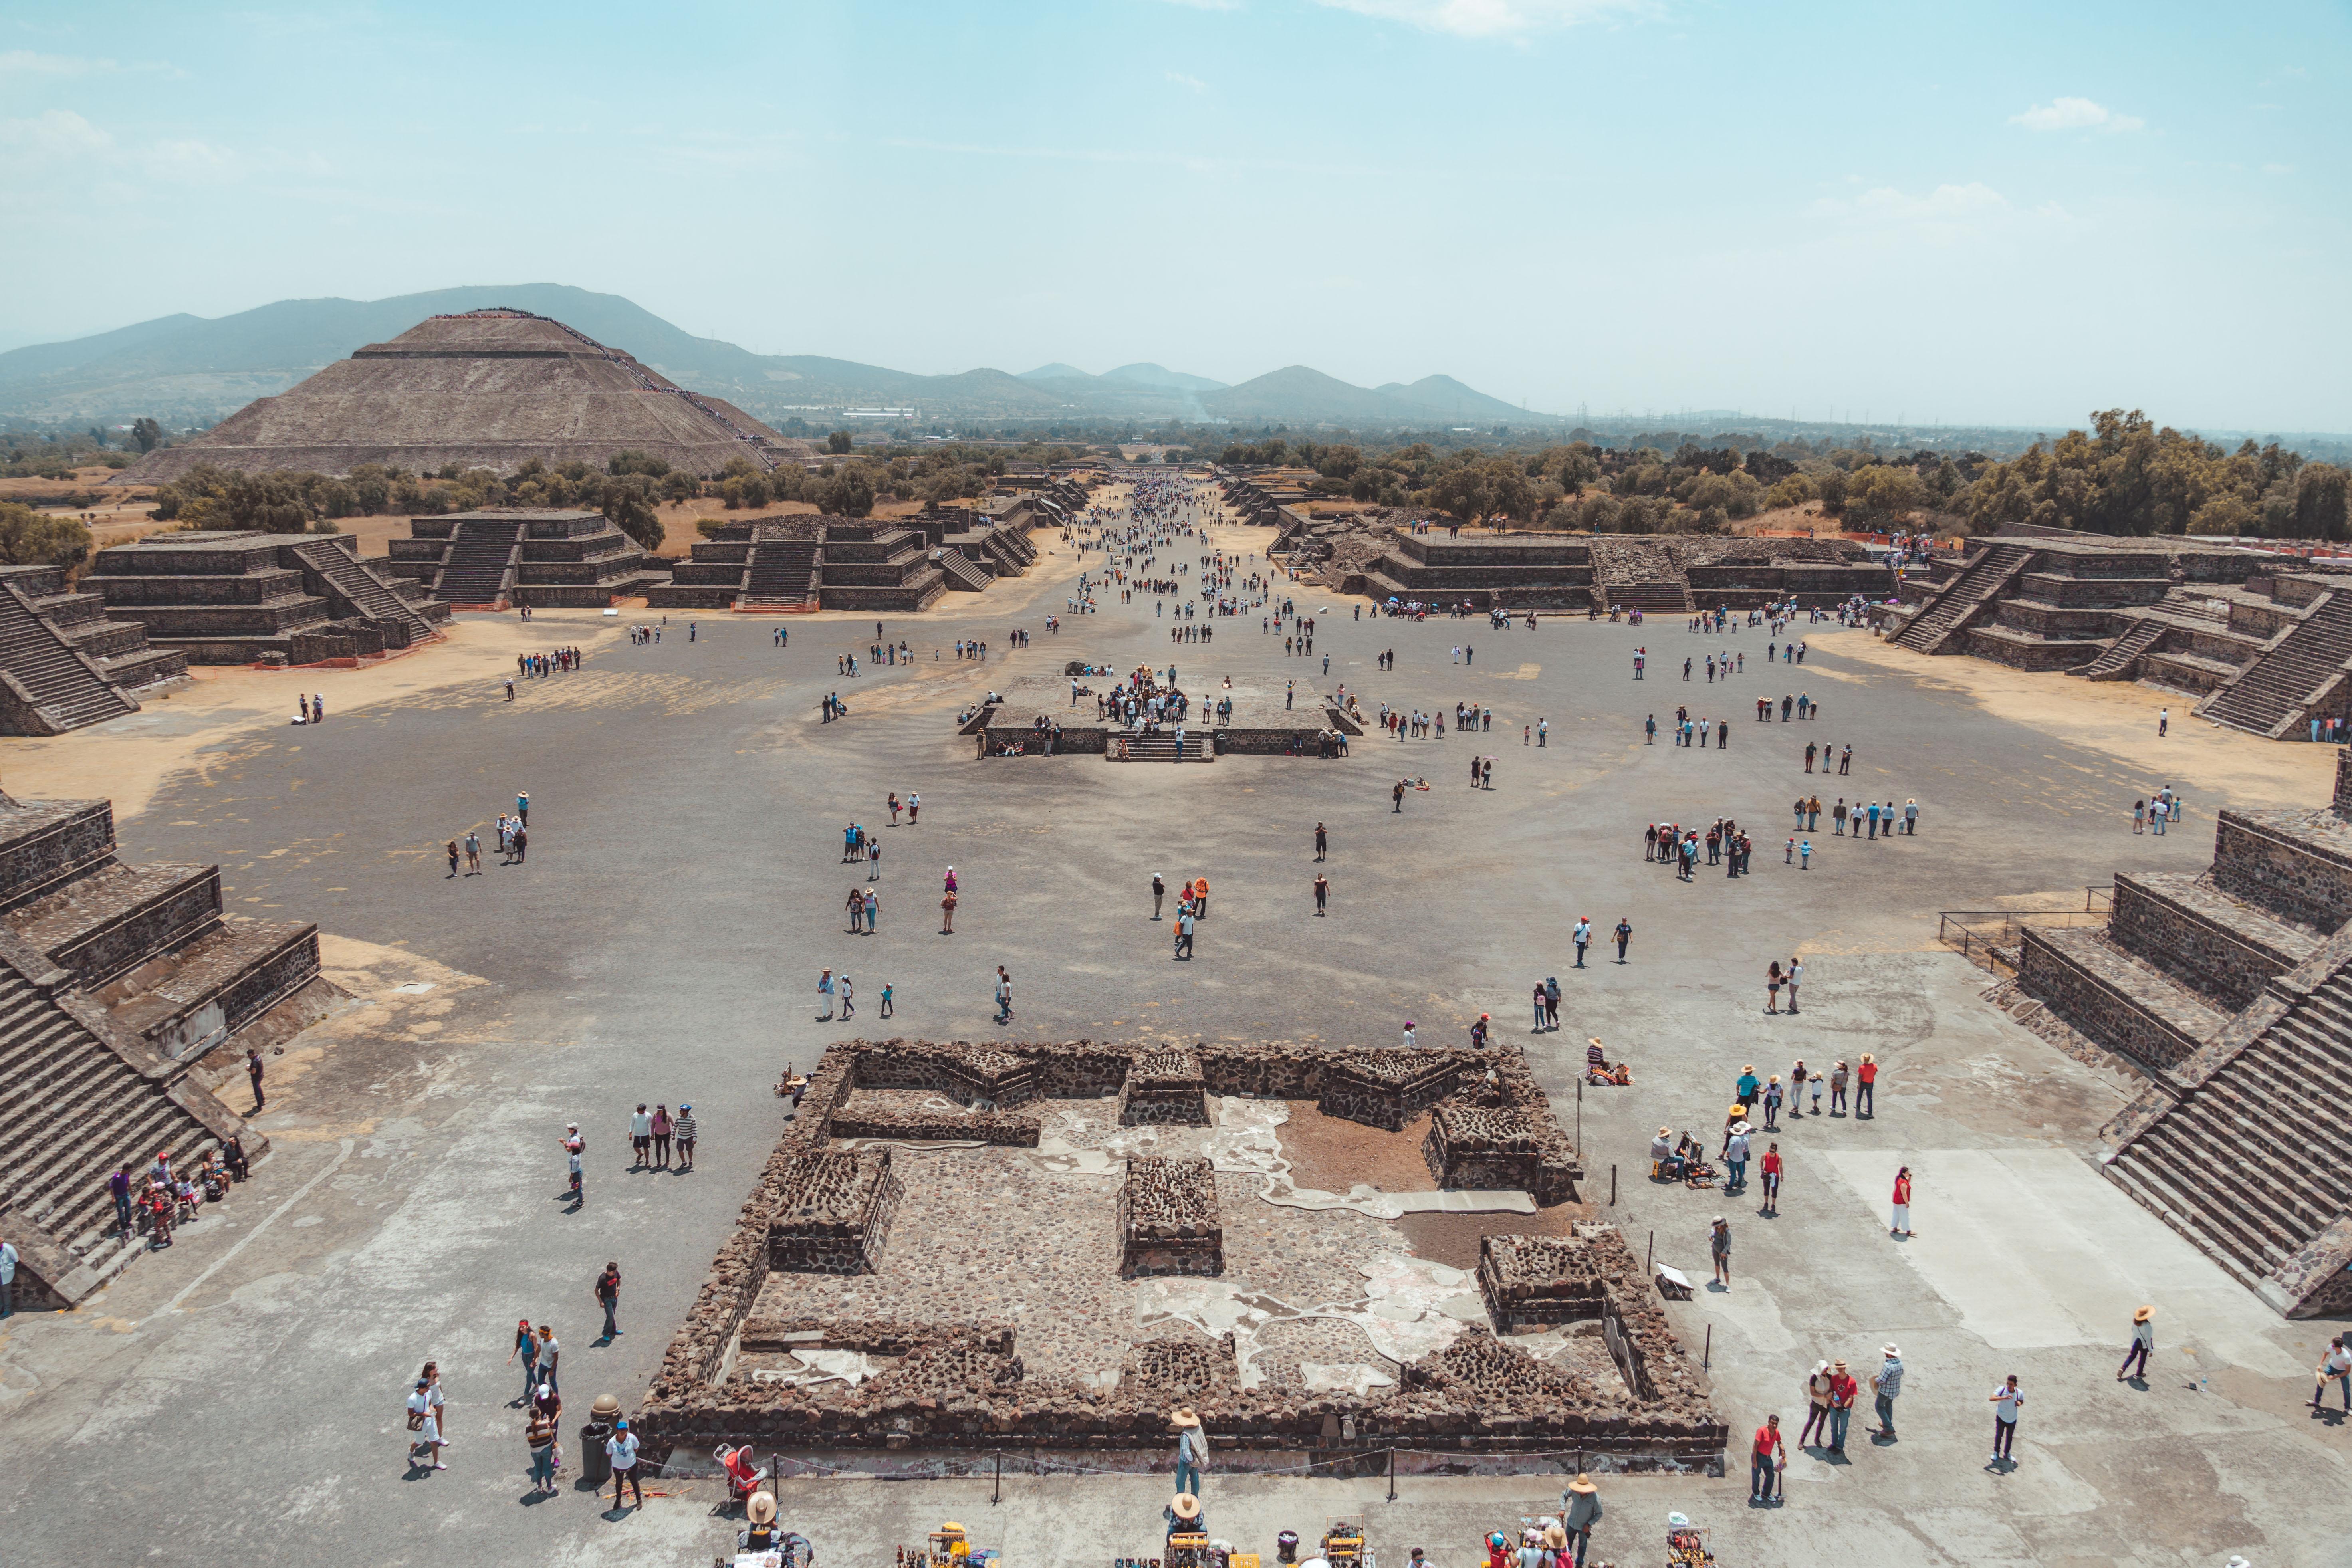 Il sito archeologico di Teotihuacan